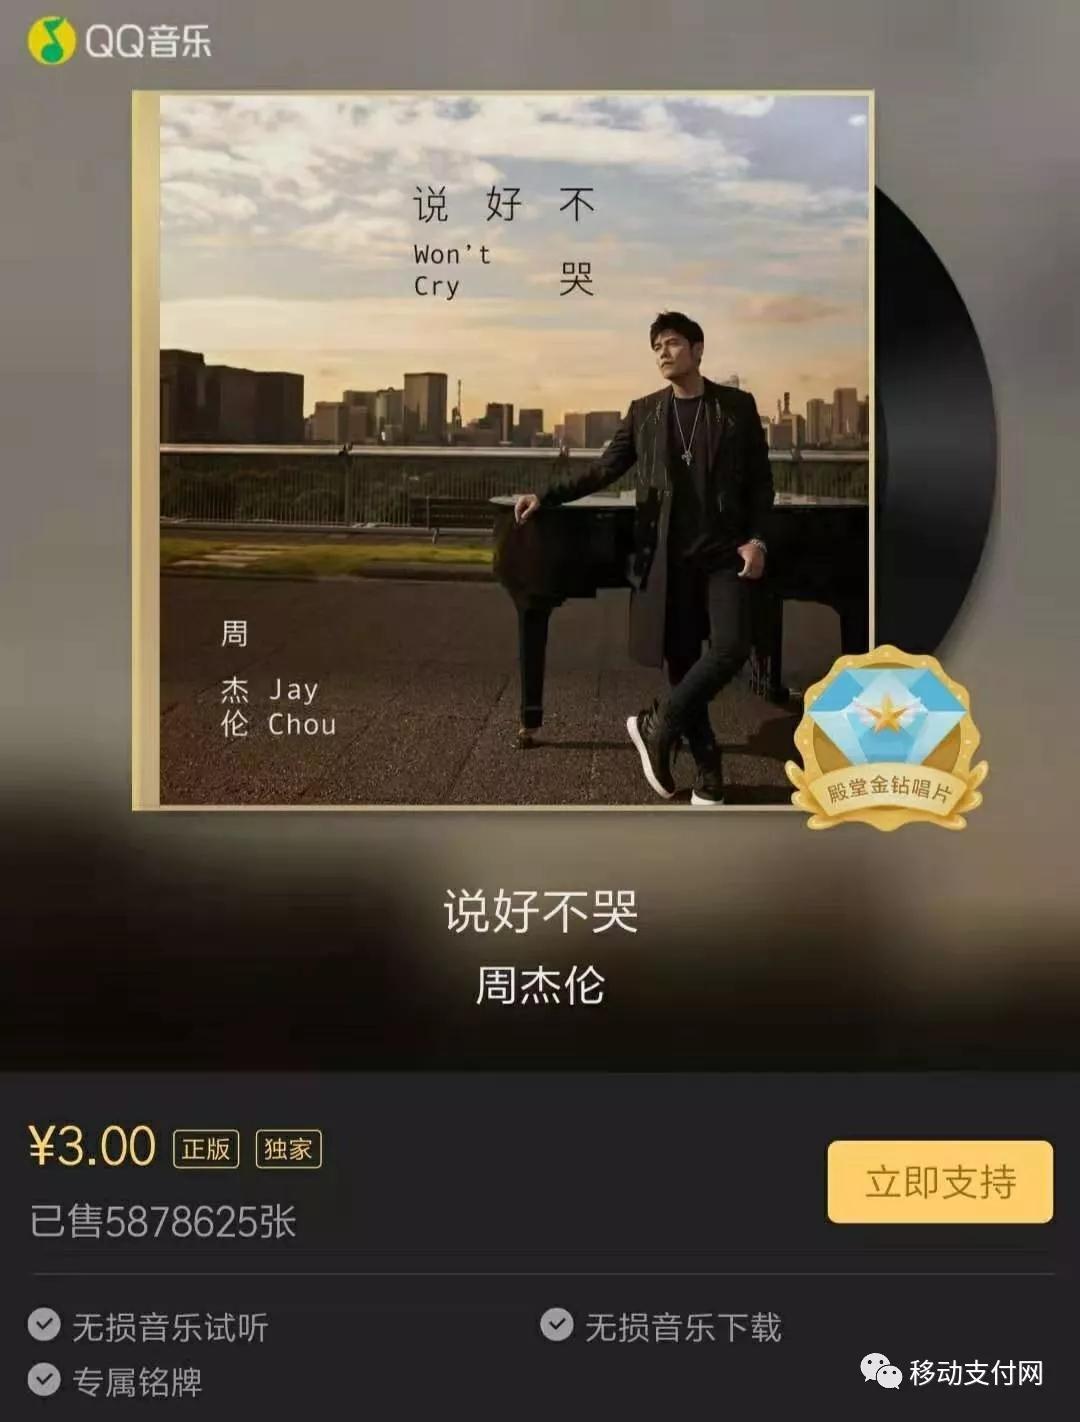 周杰伦2019全新数字单曲《说好不哭》